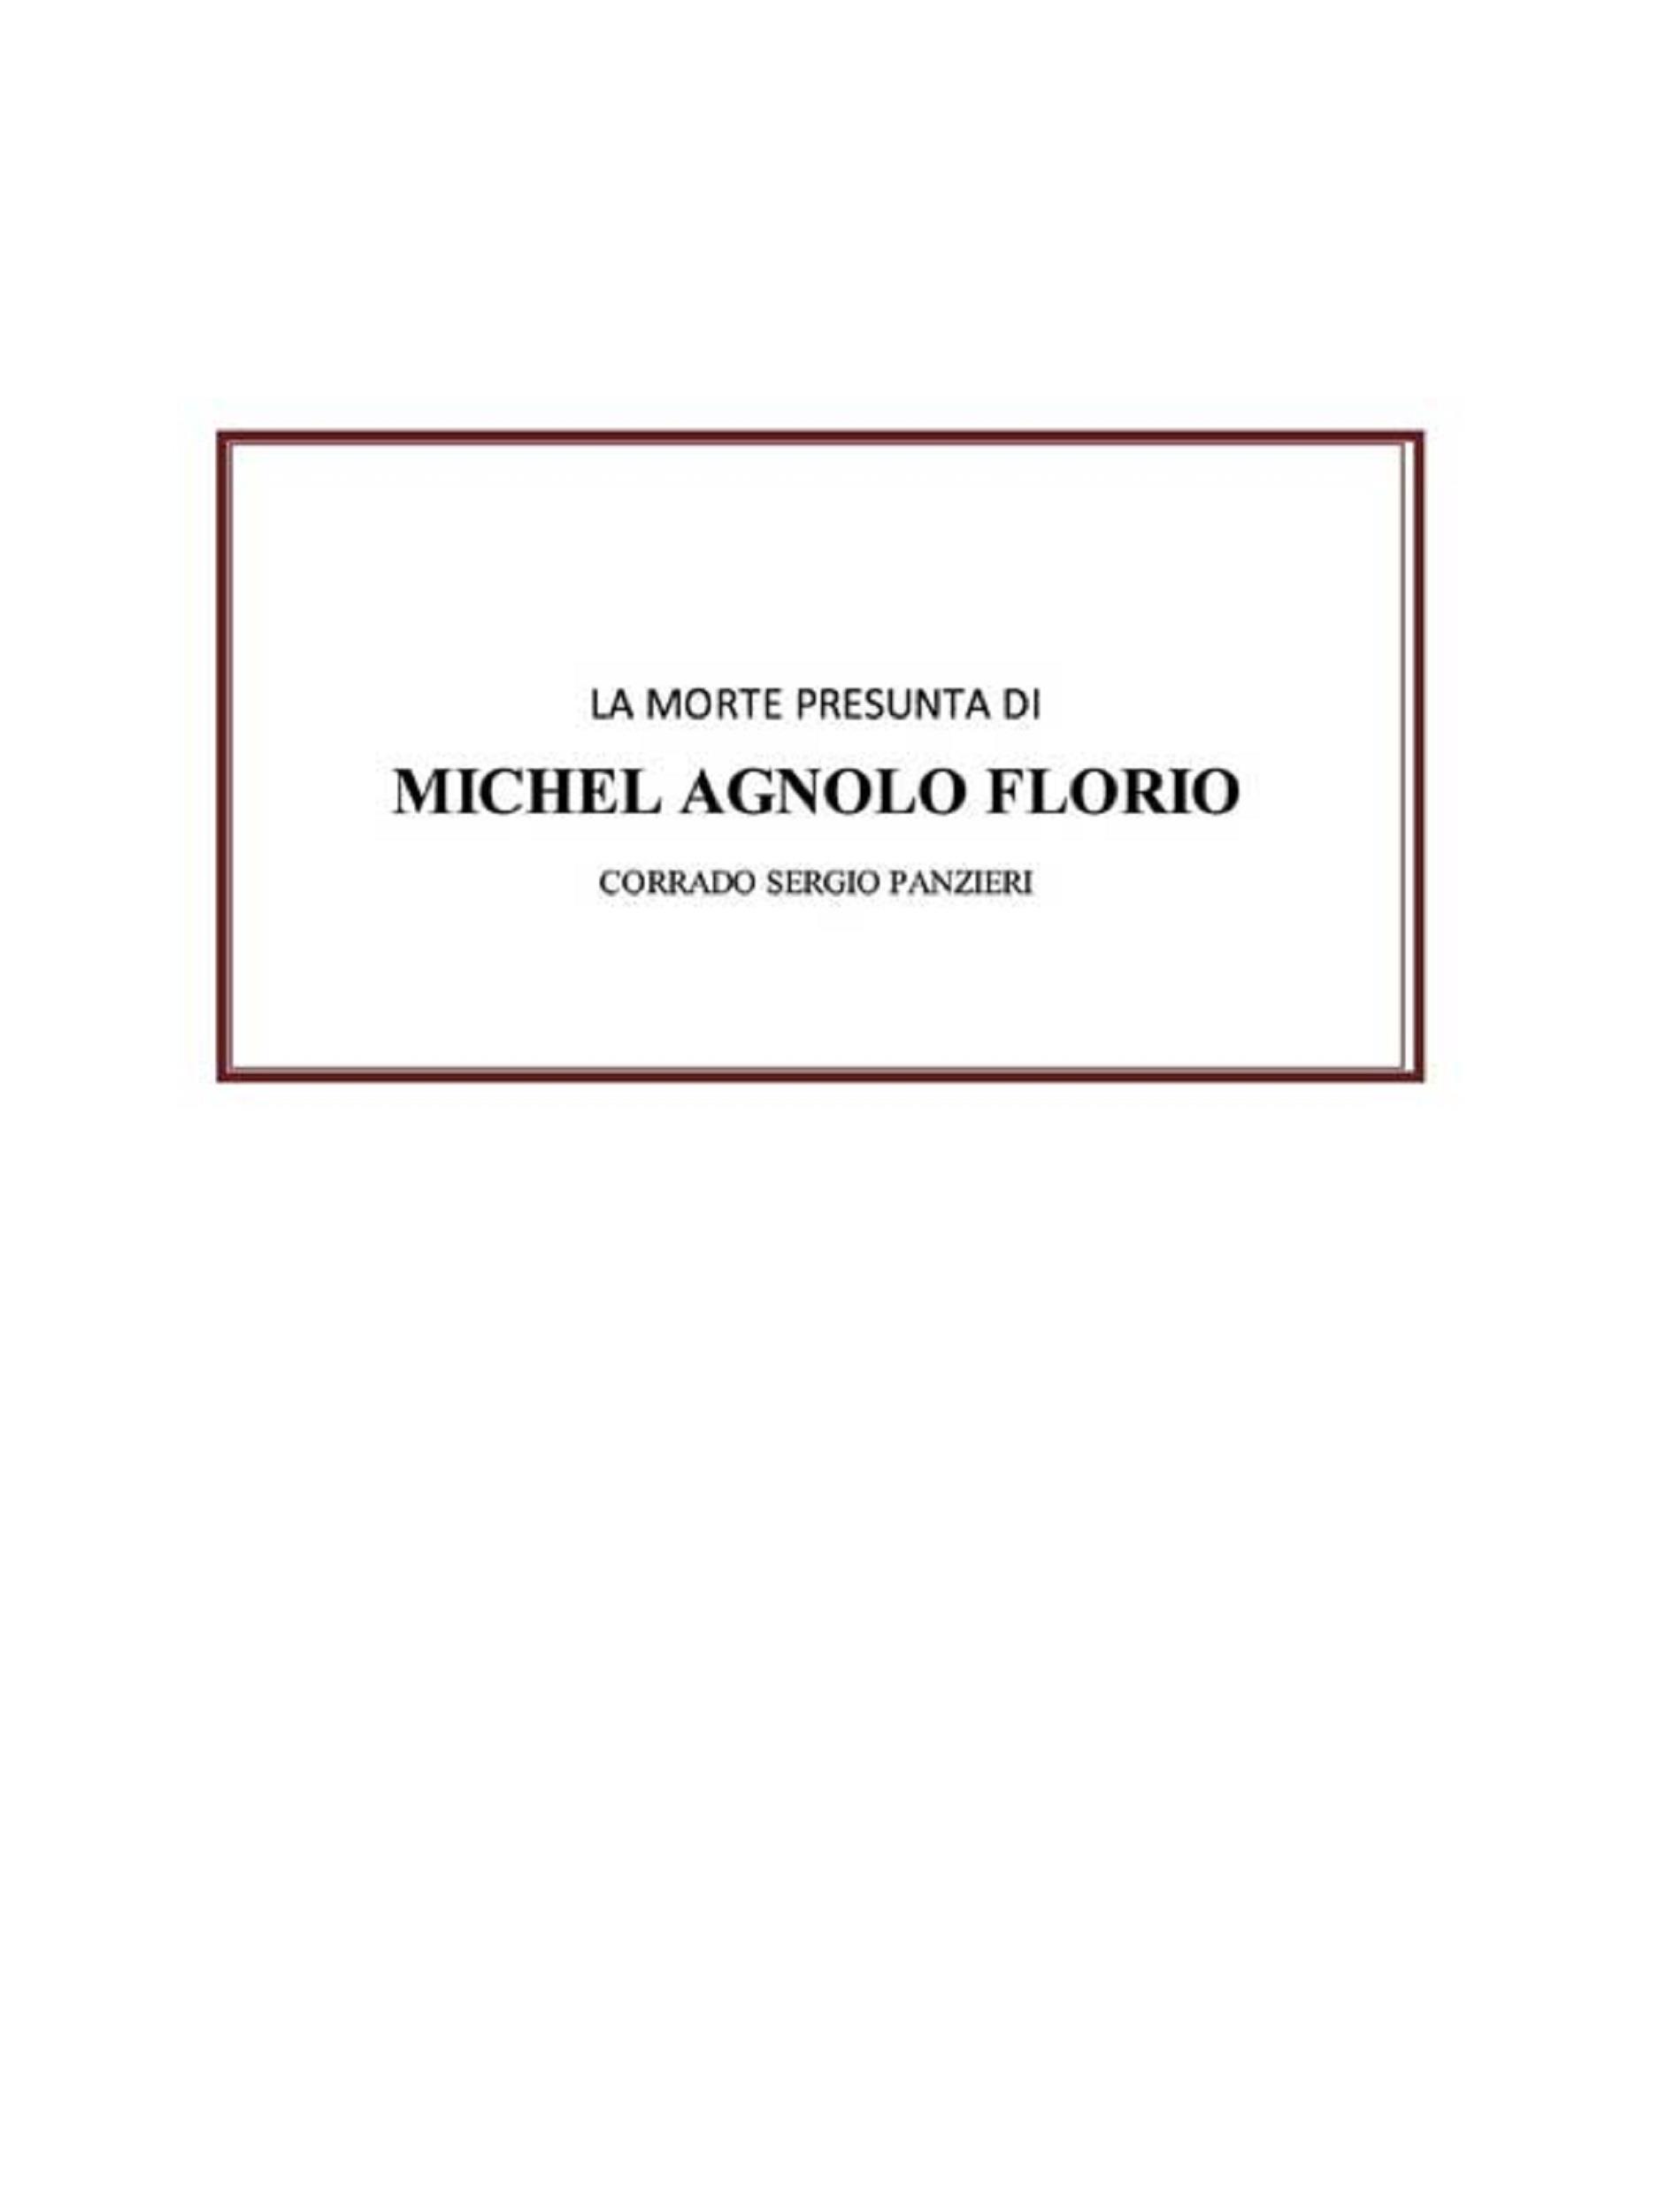 La morte presunta di Michel Agnolo Florio